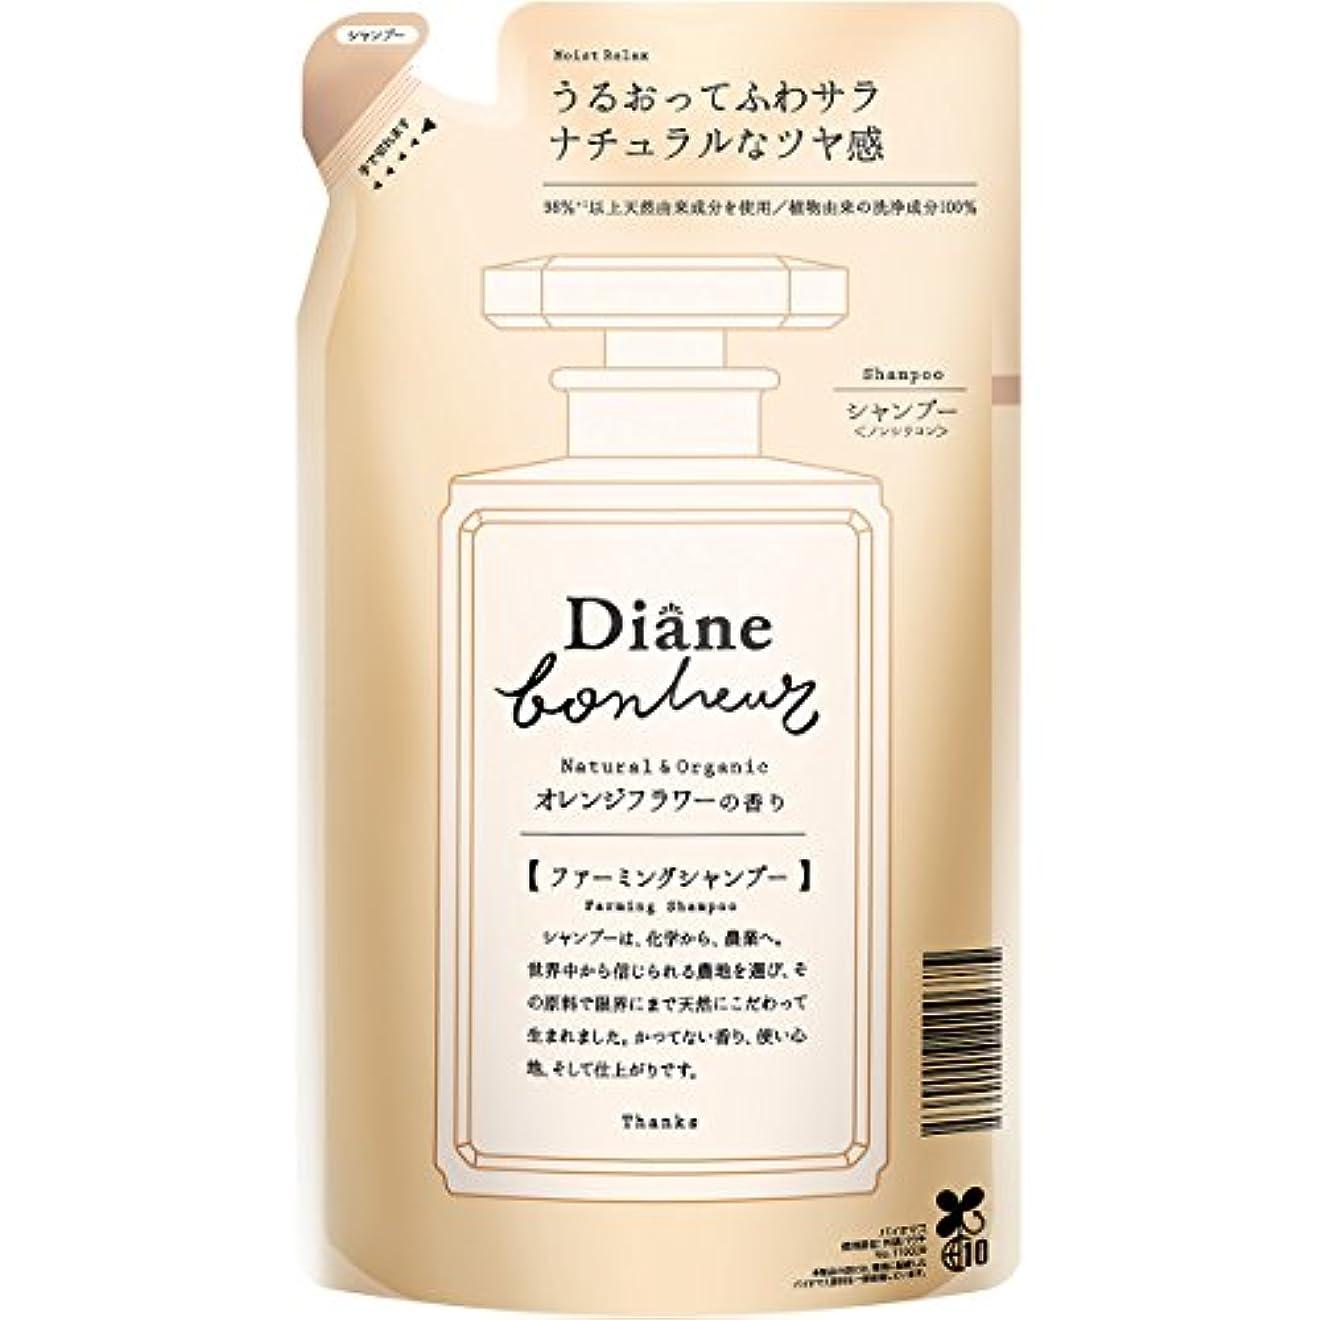 派手不快嬉しいですダイアン ボヌール オレンジフラワーの香り モイストリラックス シャンプー 詰め替え 400ml